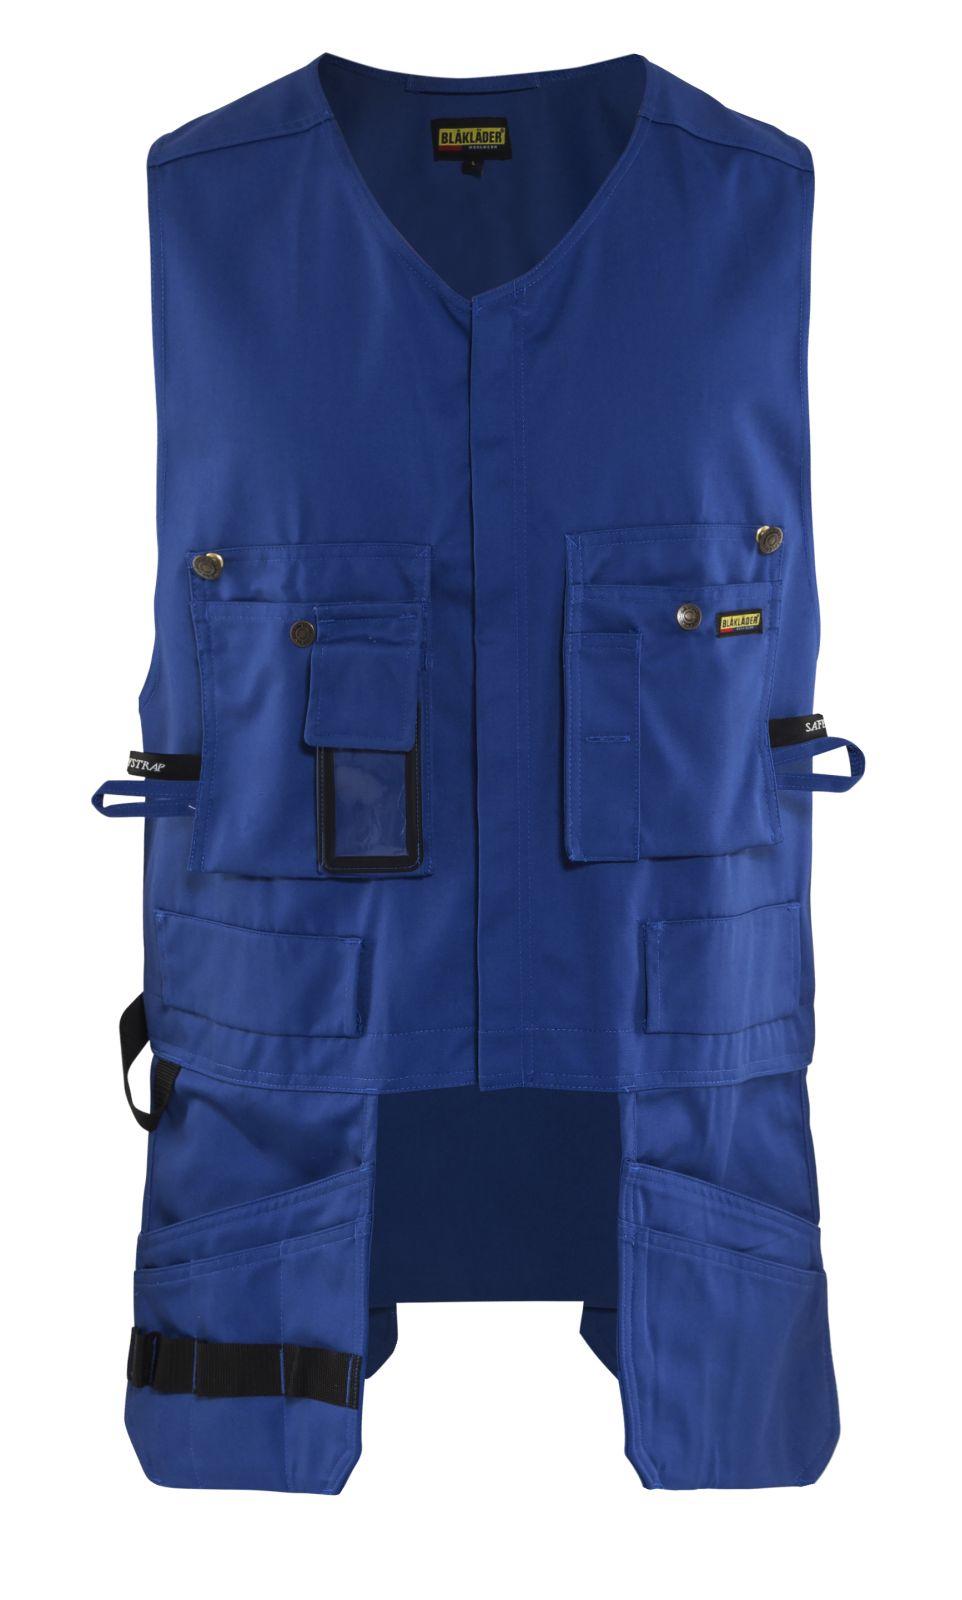 Blaklader Werkvesten 31051860 kobaltblauw(8500)